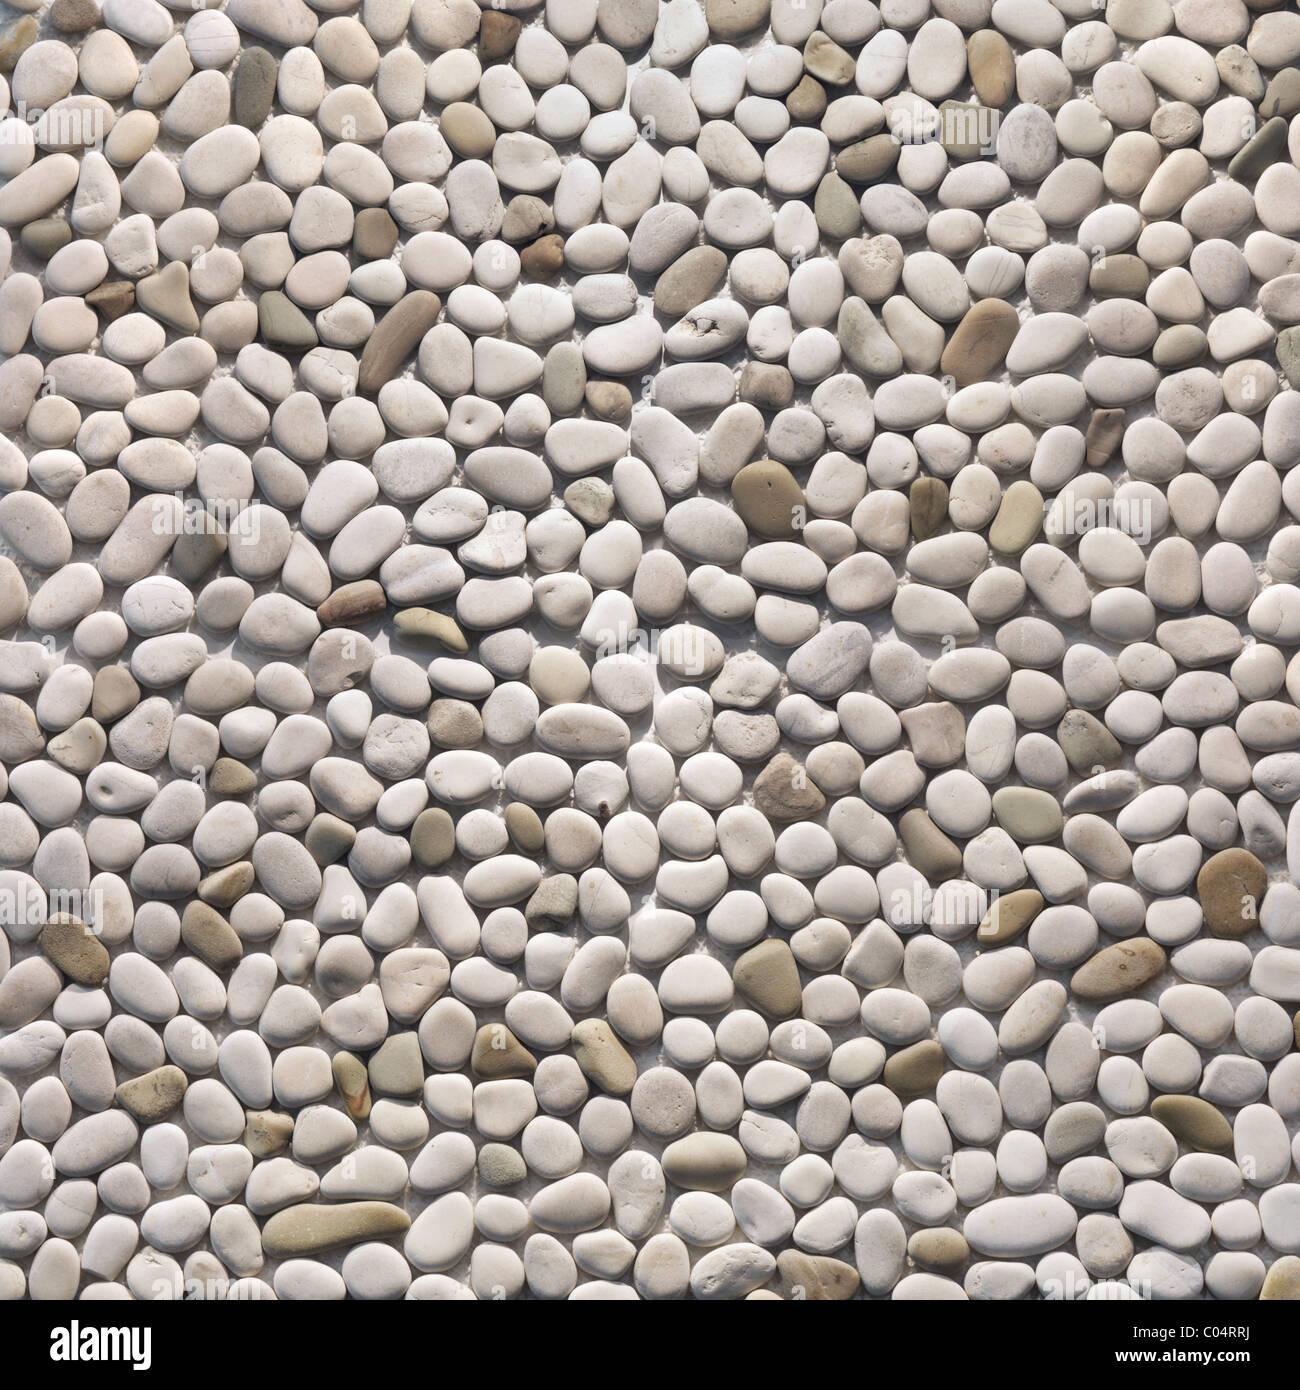 Avorio texture ciottoli sfondo. Pebblestone interni ed esterni di finitura della pietra Immagini Stock